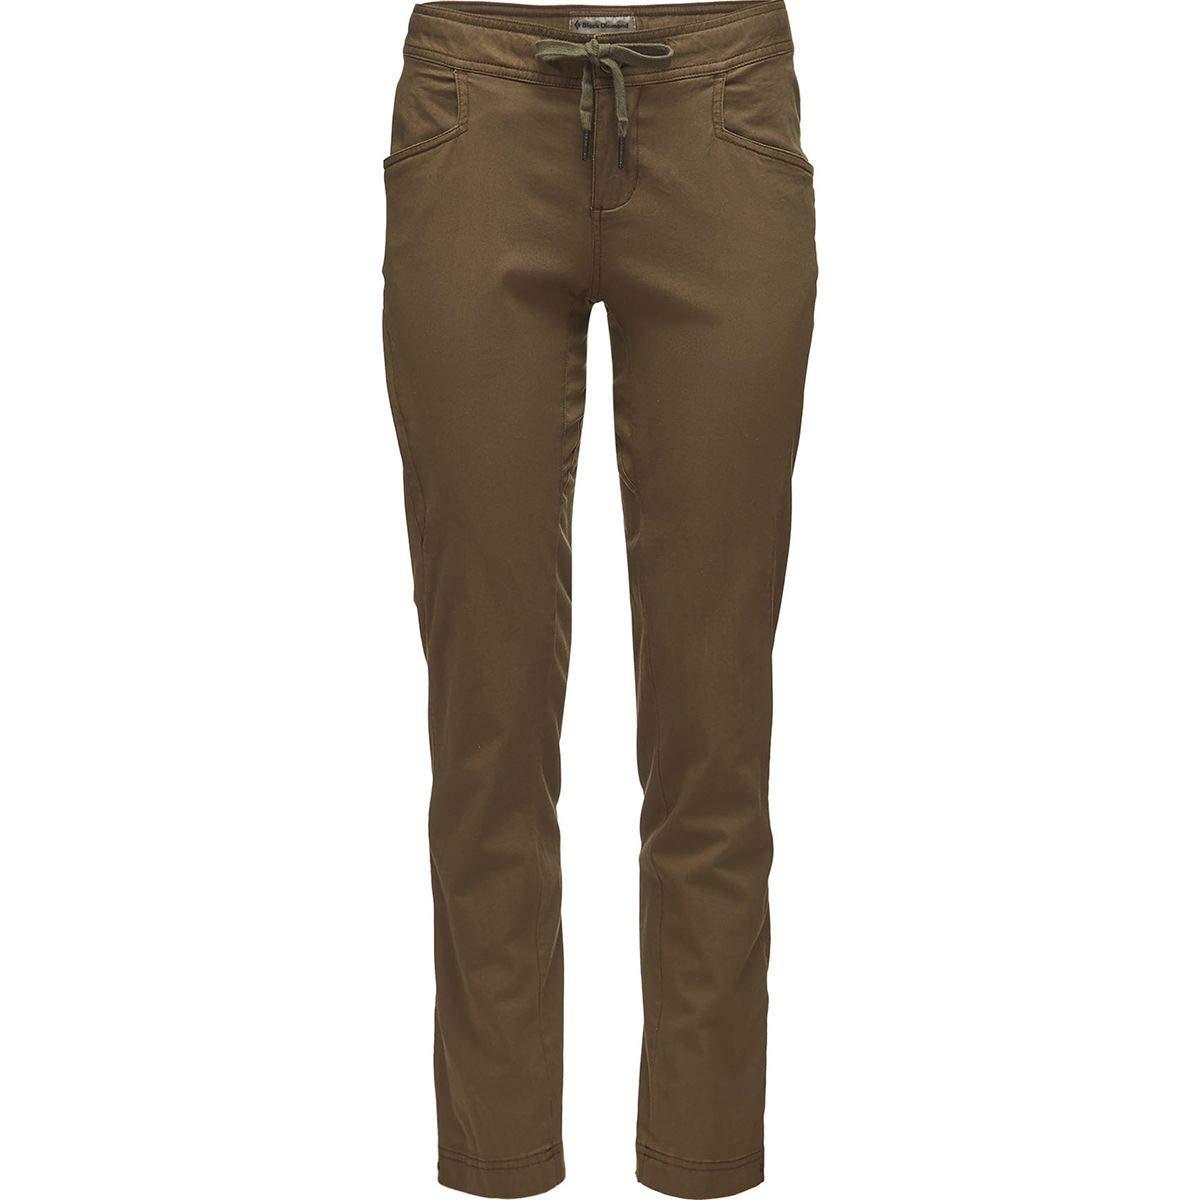 Sergeant 12 US Pantalon Crougeo Pants - femme